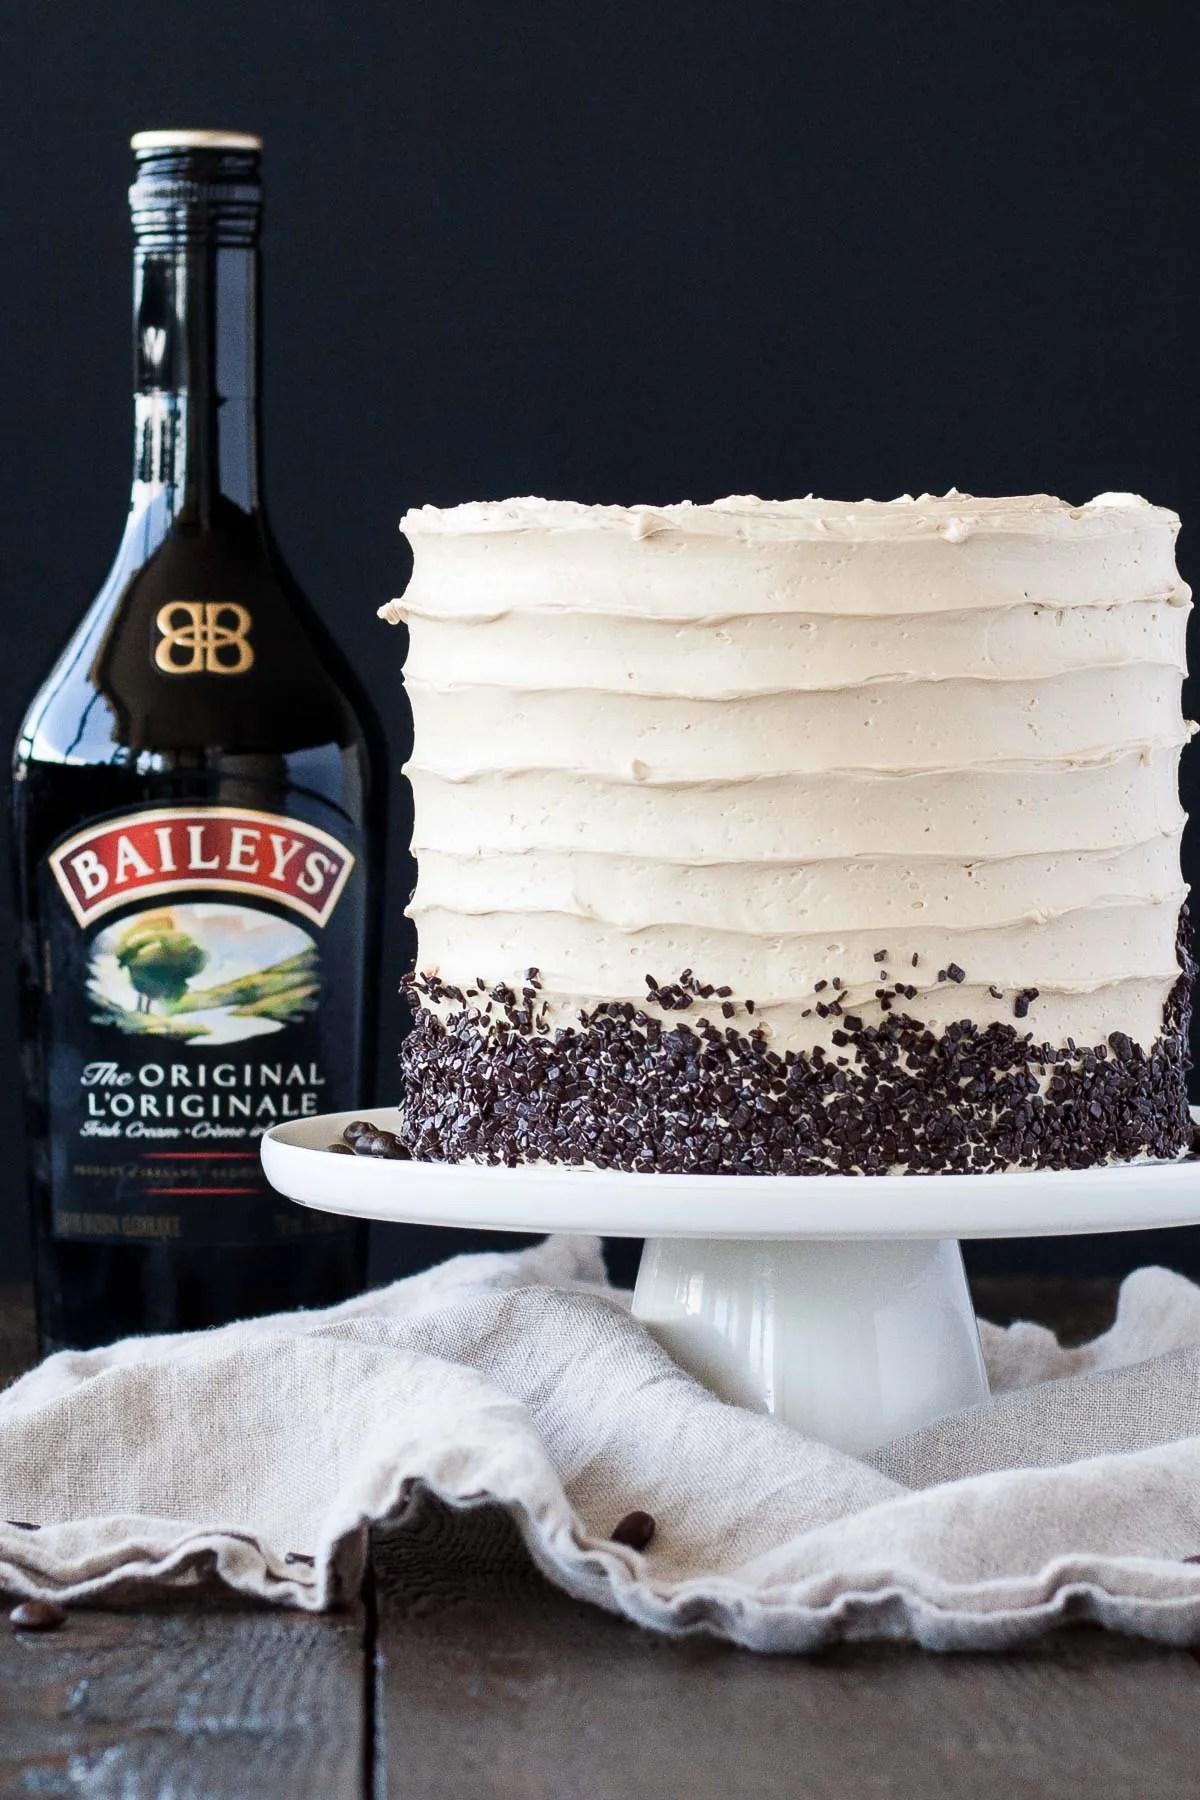 L'appariement parfait du café et des Baileys dans ce délicieux gâteau couche.  Un gâteau à la vanille superposé à une ganache au chocolat noir et un café Baileys buttercream.     Livforcake.com